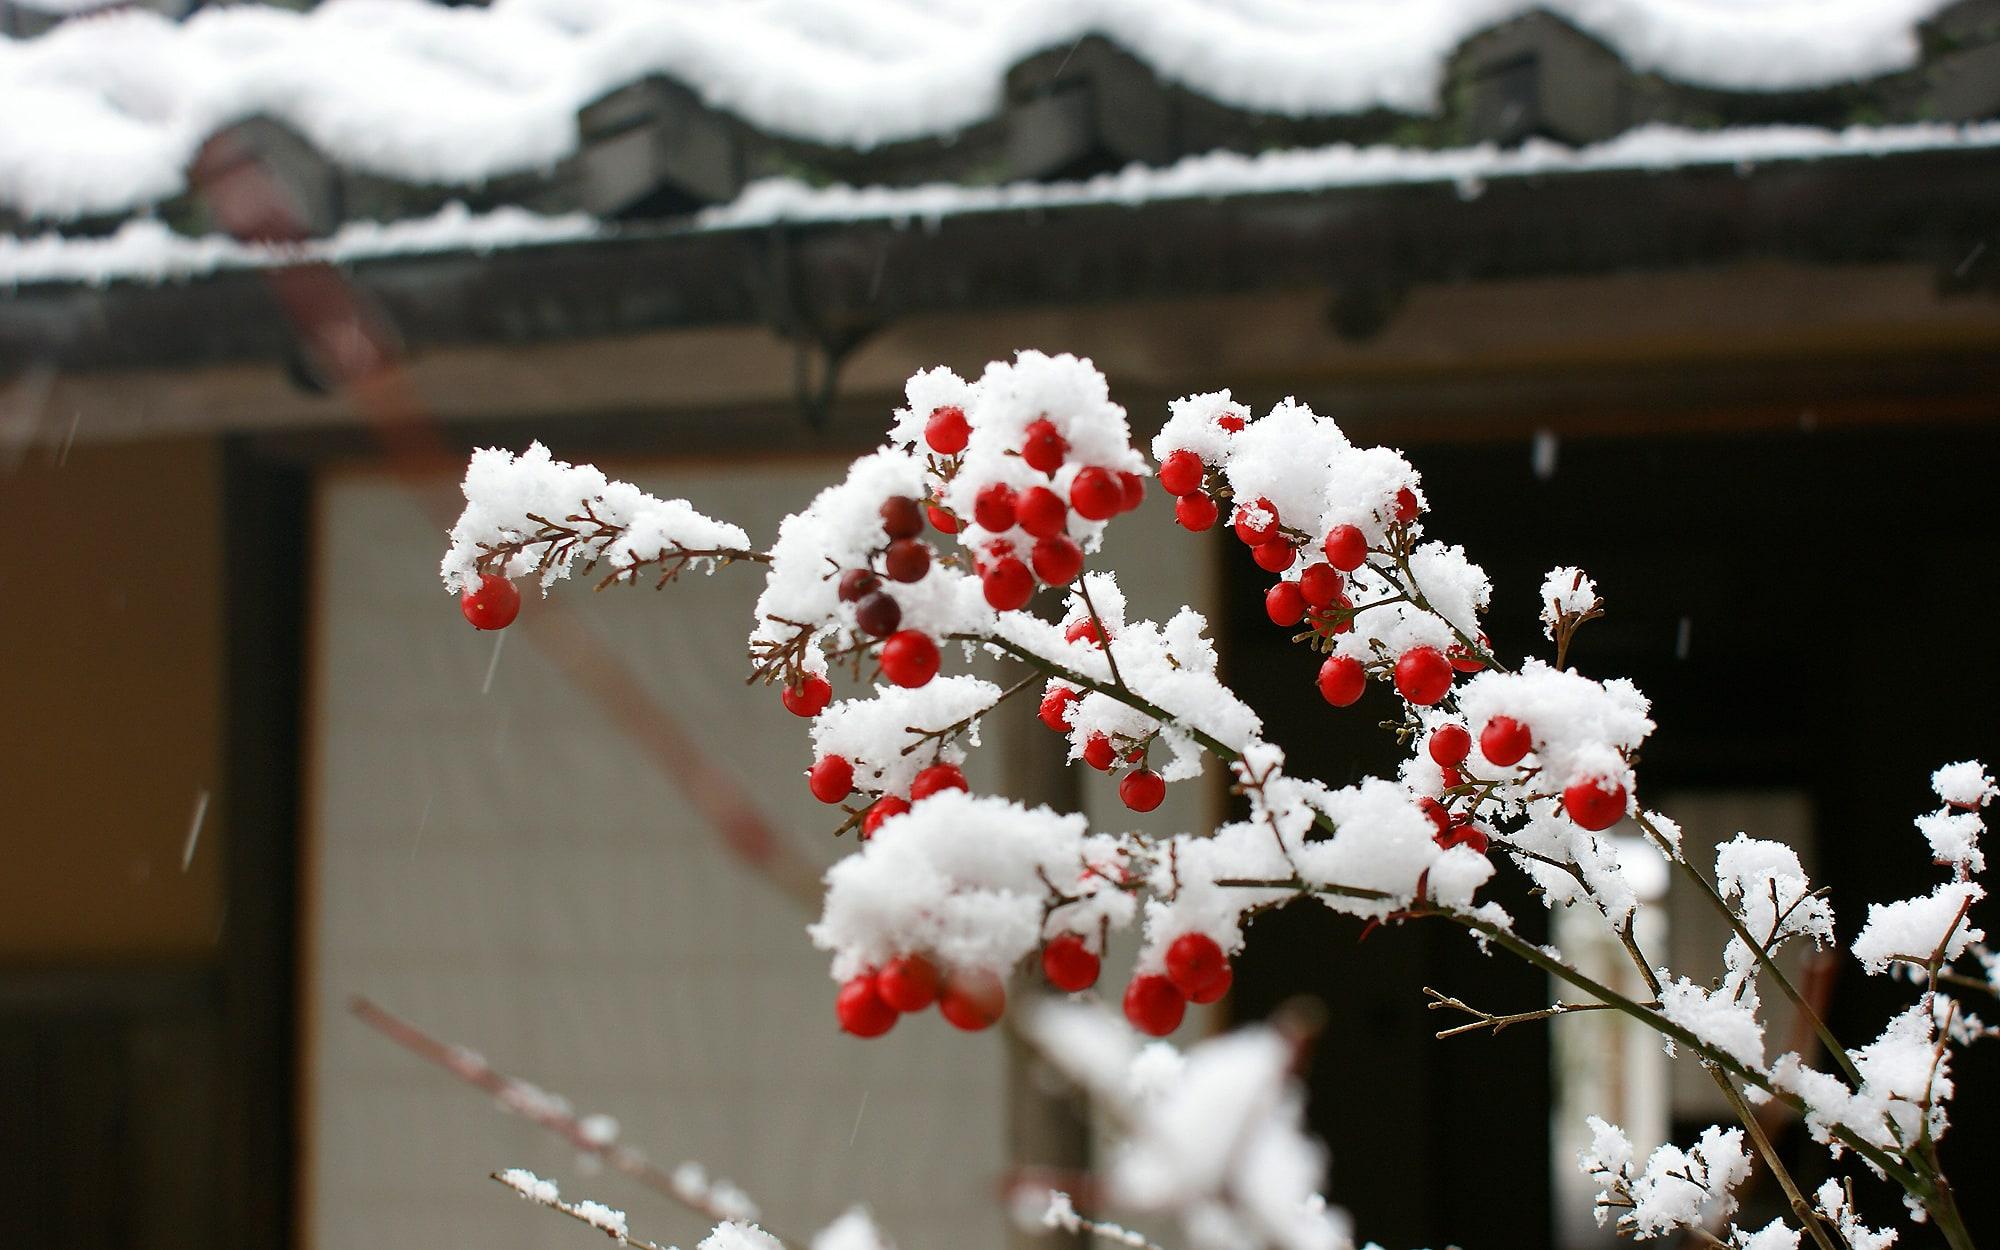 雪景色 - 山口県 萩市|世界遺産[萩城下町]唯一の旅館 萩城三の丸 北門屋敷